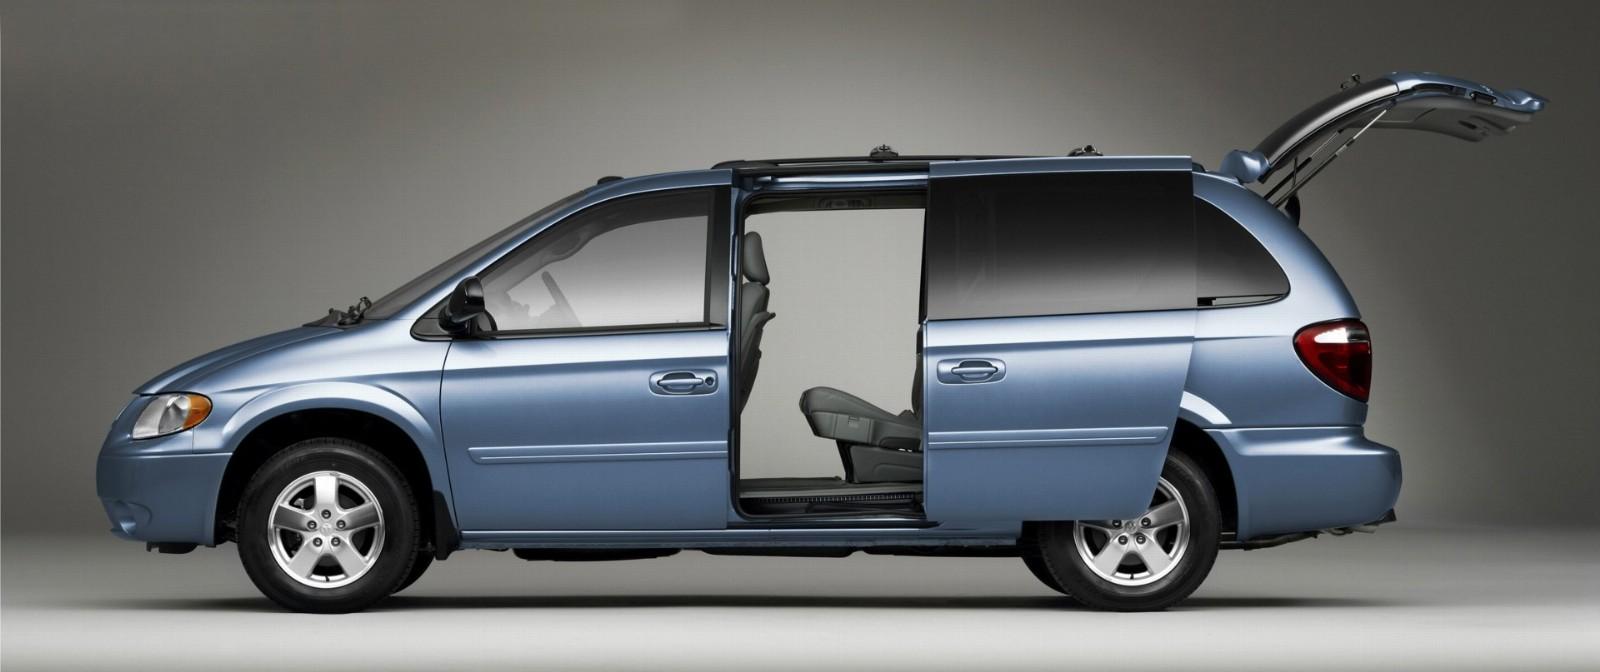 2007 Dodge Caravan Image 13